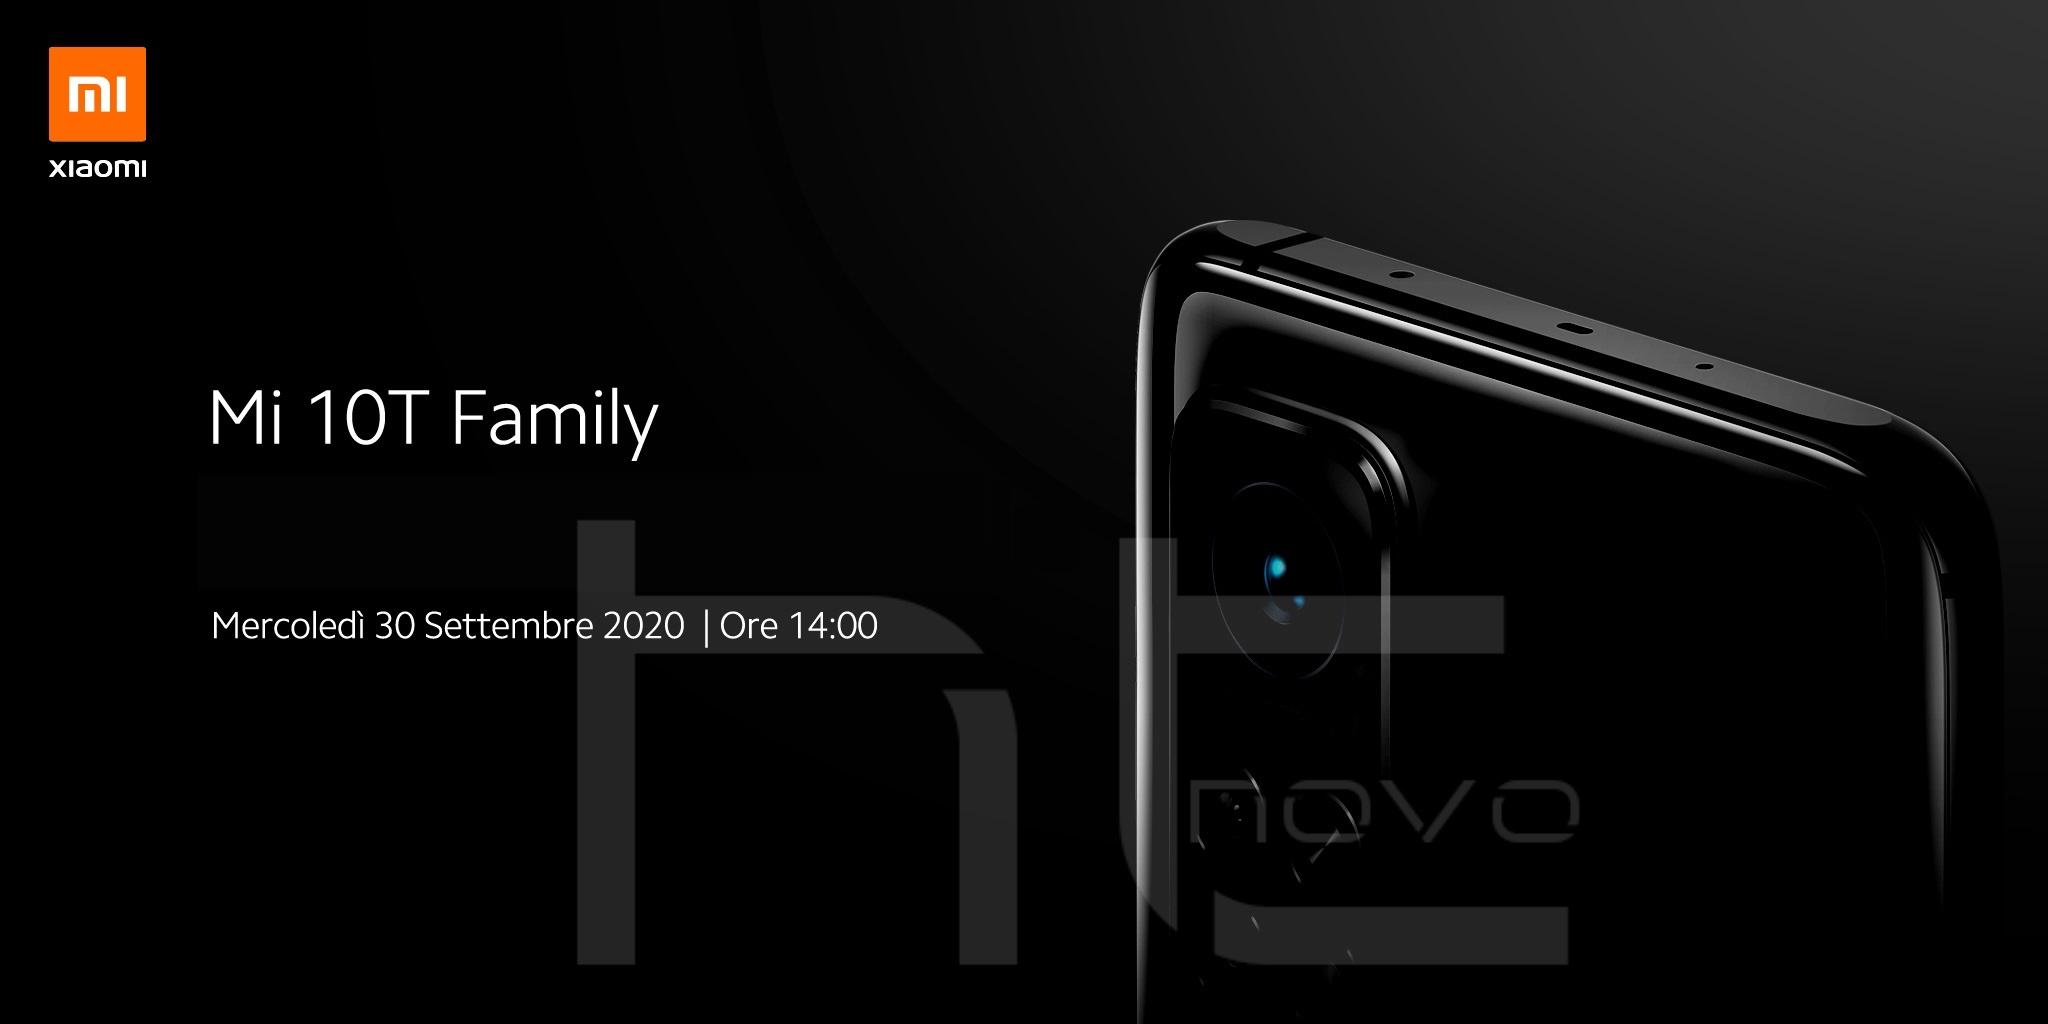 Guarda in diretta l'evento di presentazione dei nuovi Xiaomi Mi 10T